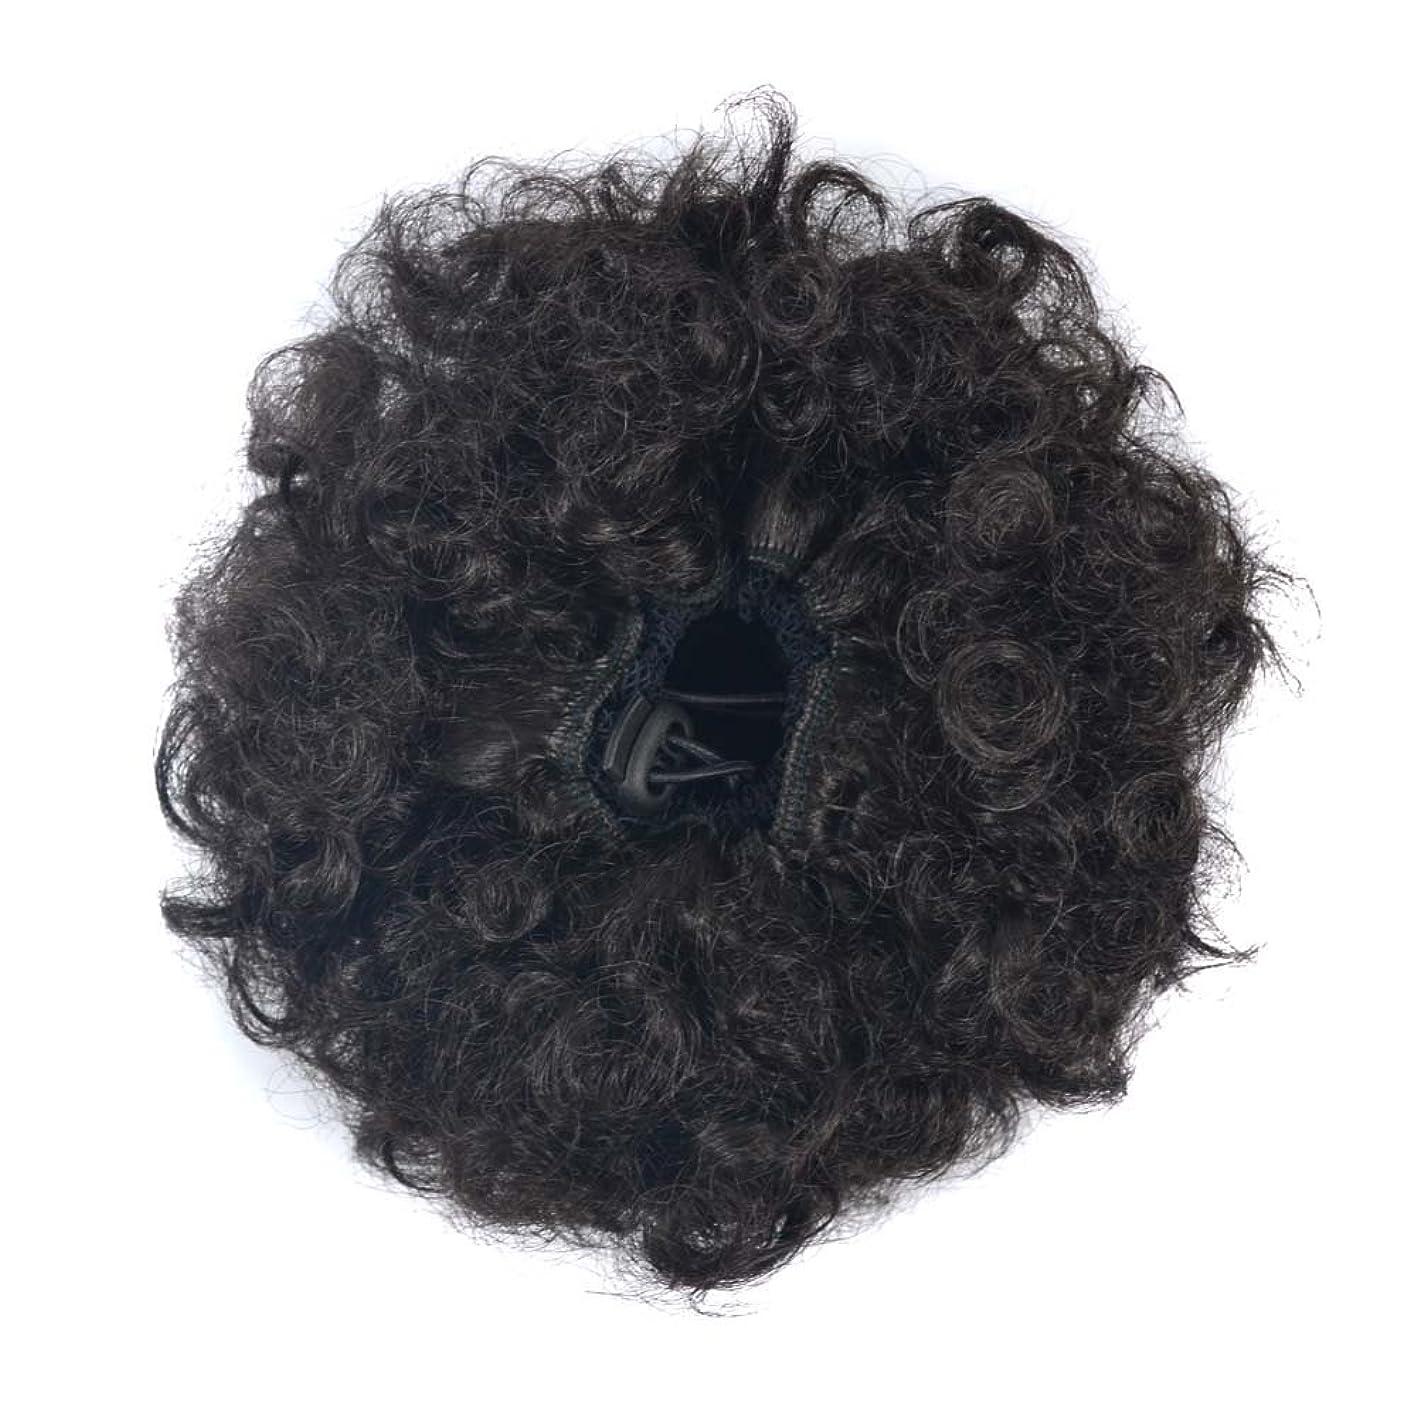 ジョセフバンクス含意以上JIANFU 爆発ヘッドふわふわ毛髪の拡張子カールヘアの毛の拡張子キャタピラーのかつらのサイズ選択ウィッグの部分 (Color : Brownish black(S))